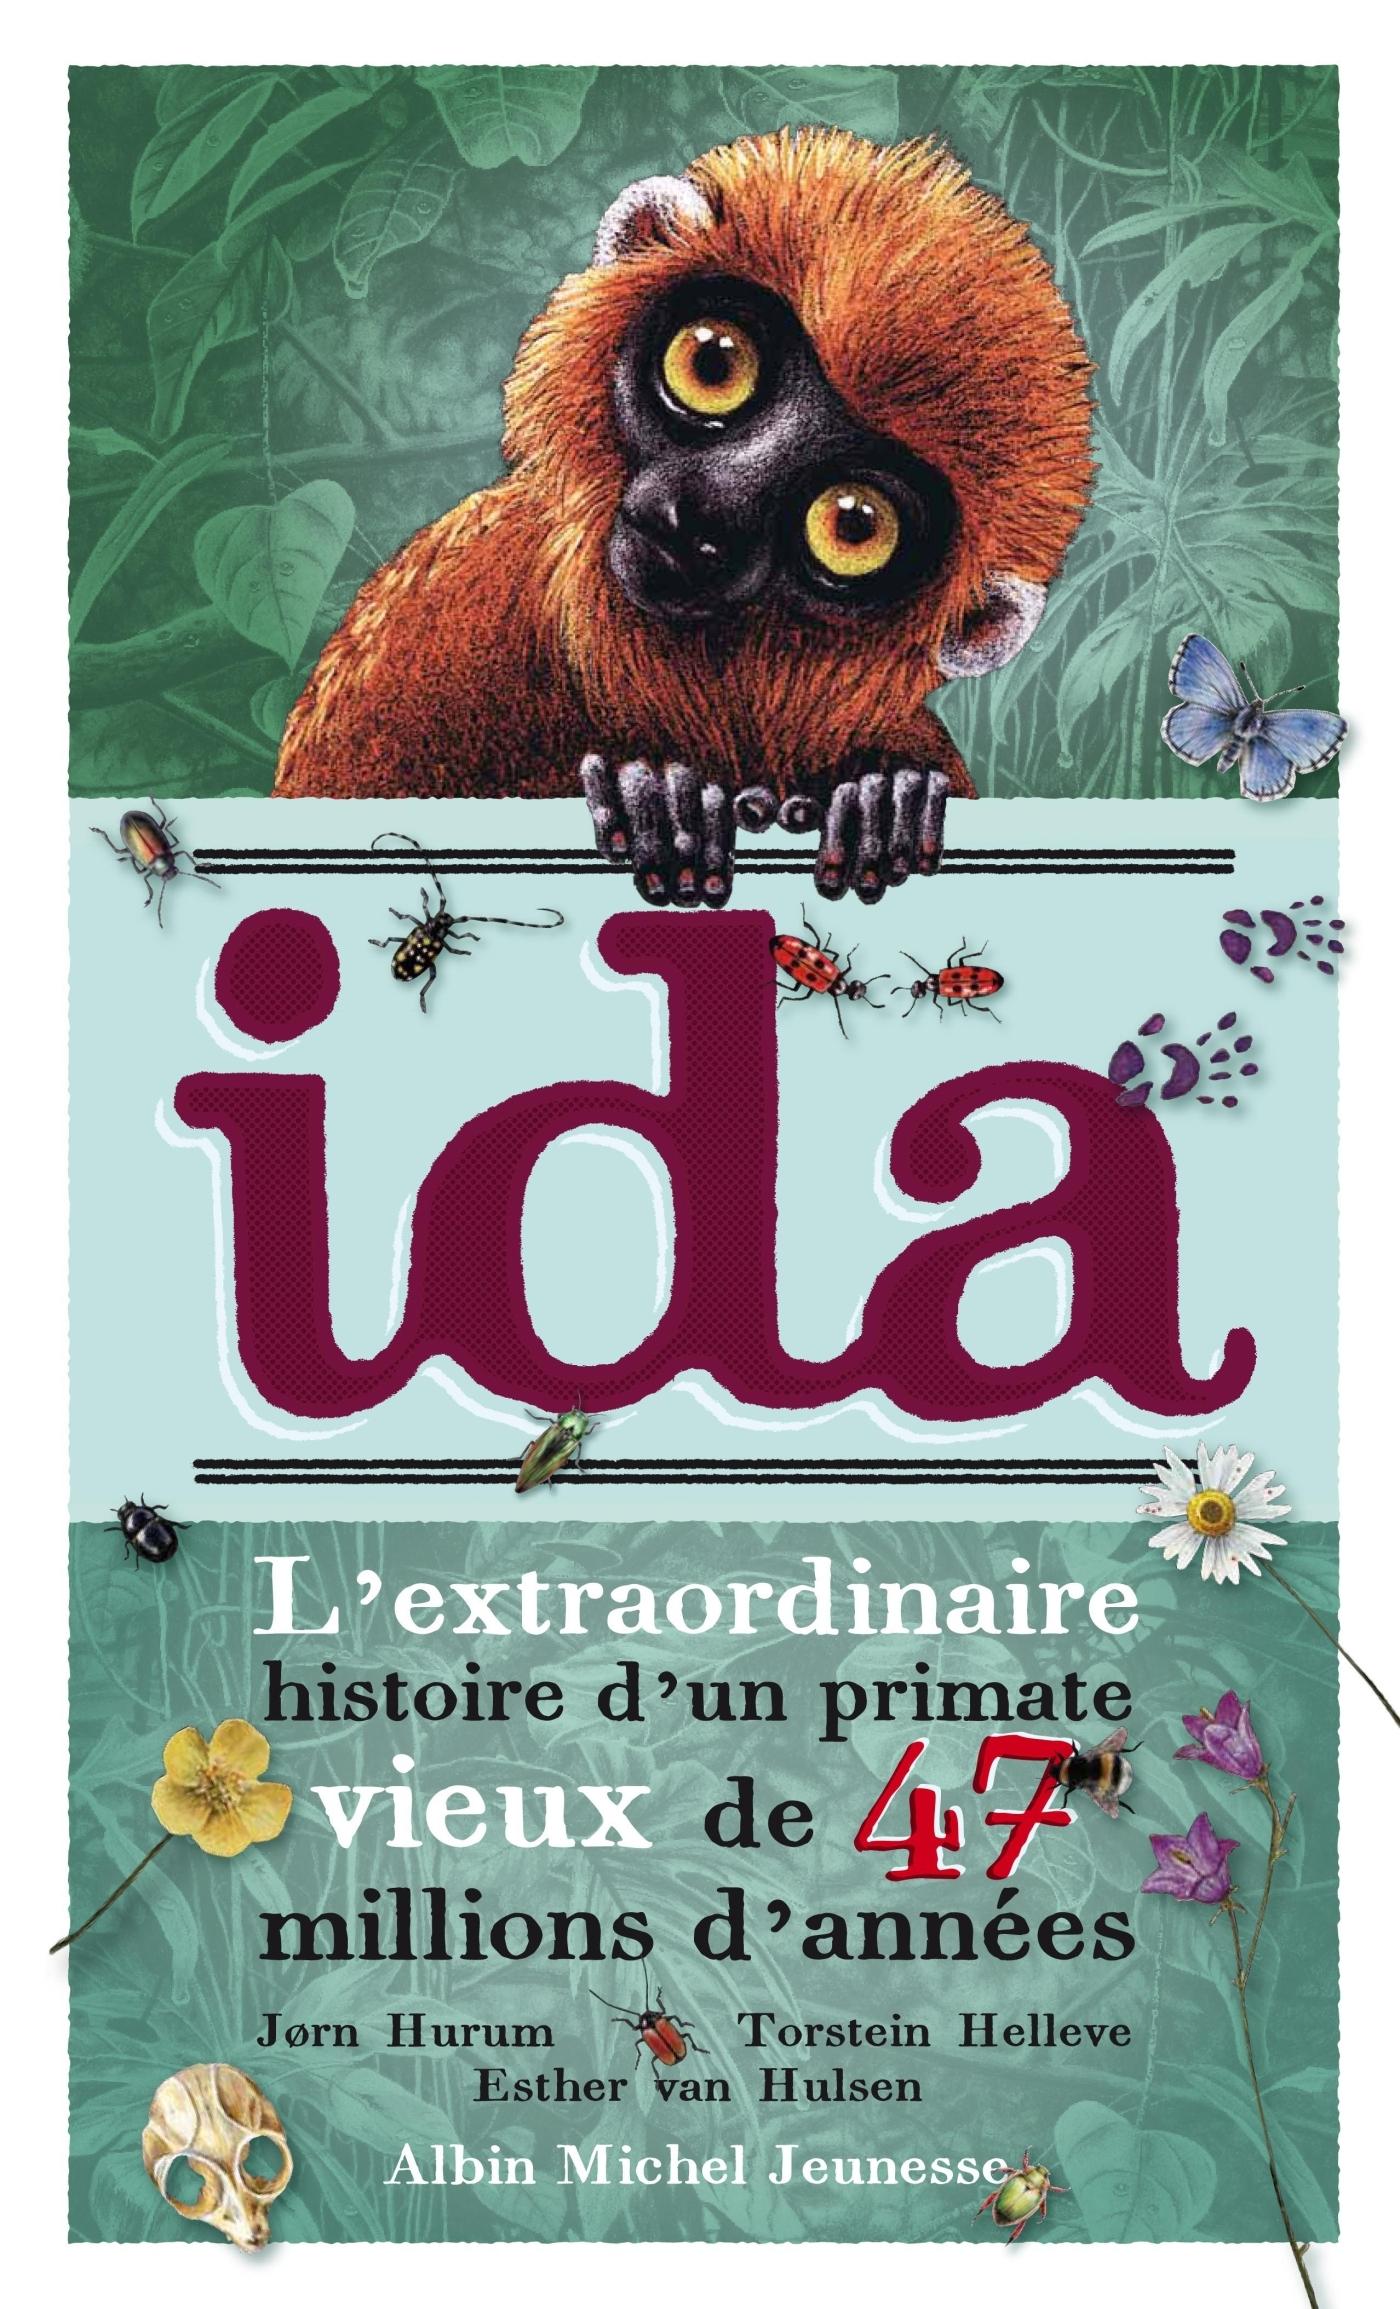 IDA - UNE HISTOIRE EXTRAORDINAIRE VIEILLE DE 47 MILLIONS D'ANNEES